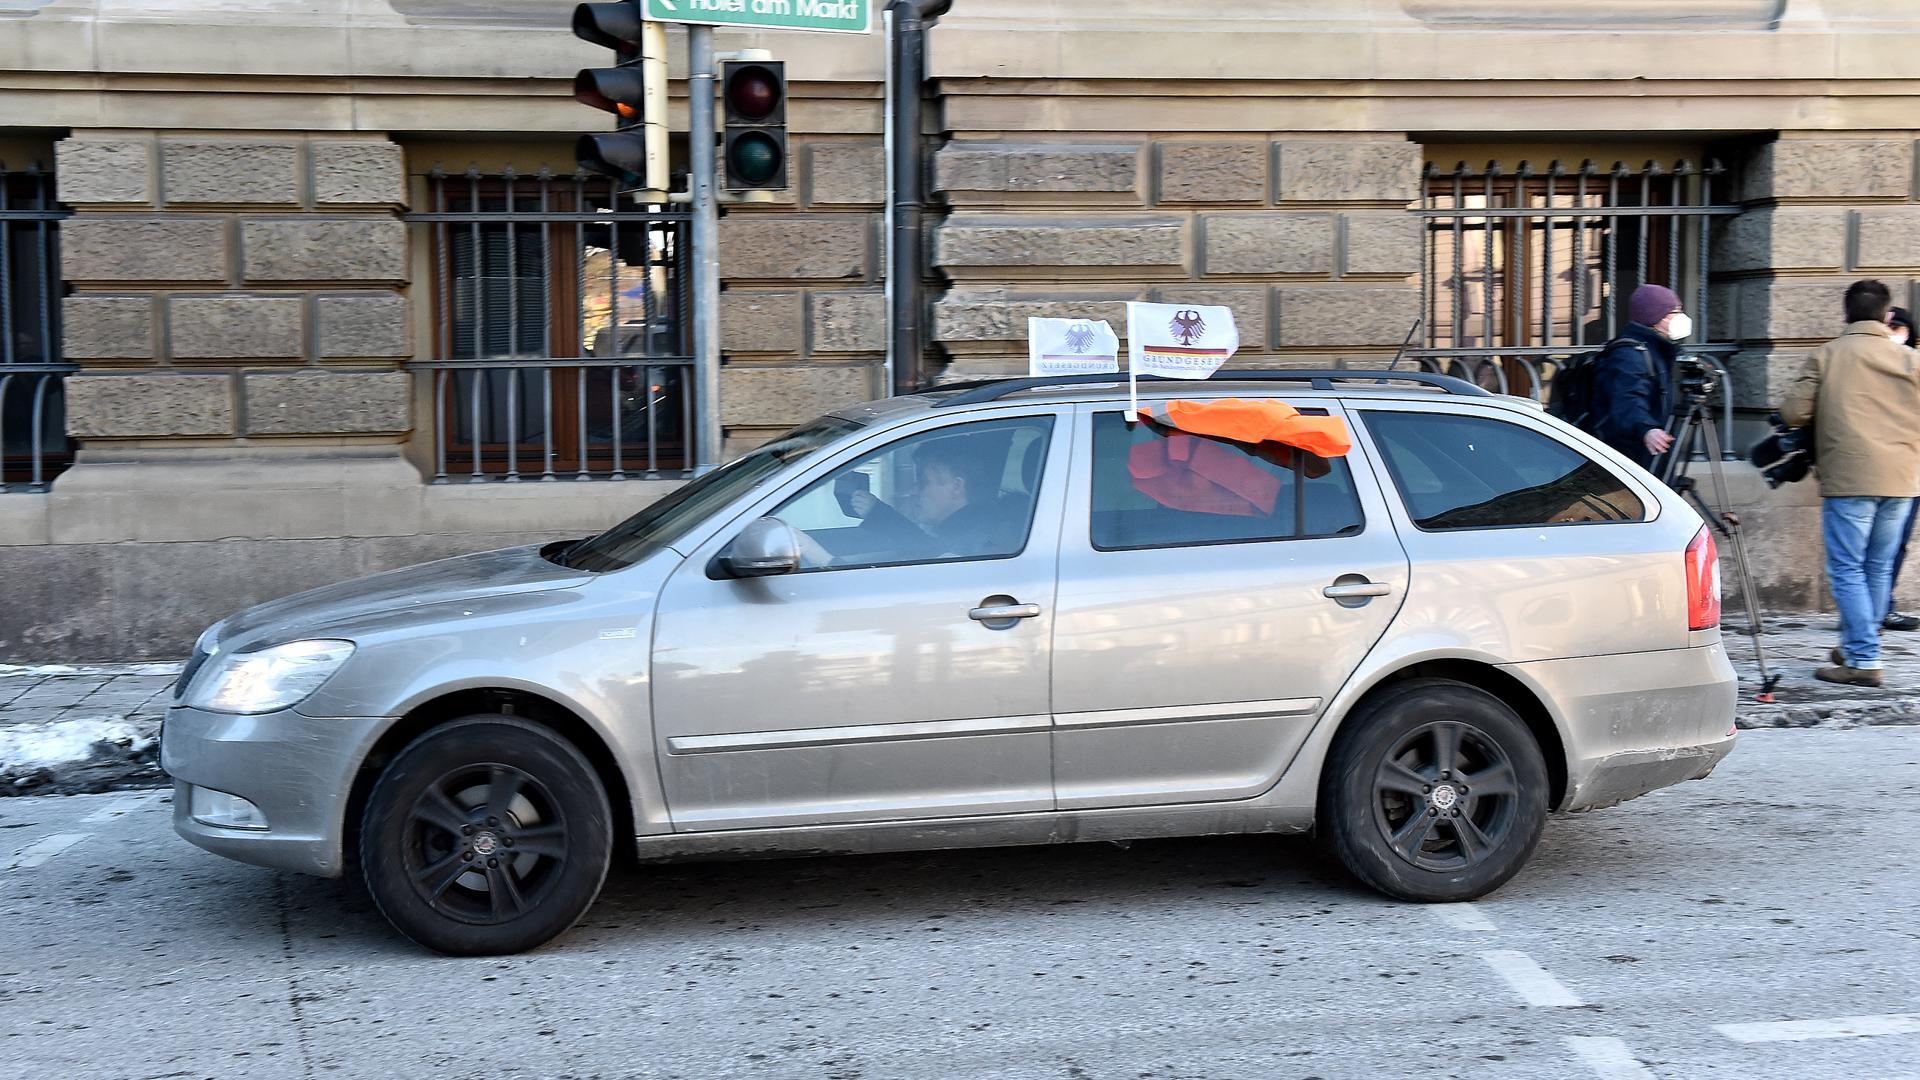 Mit wehenden Fahnen macht der Autofahrer seinem Ärger Luft.